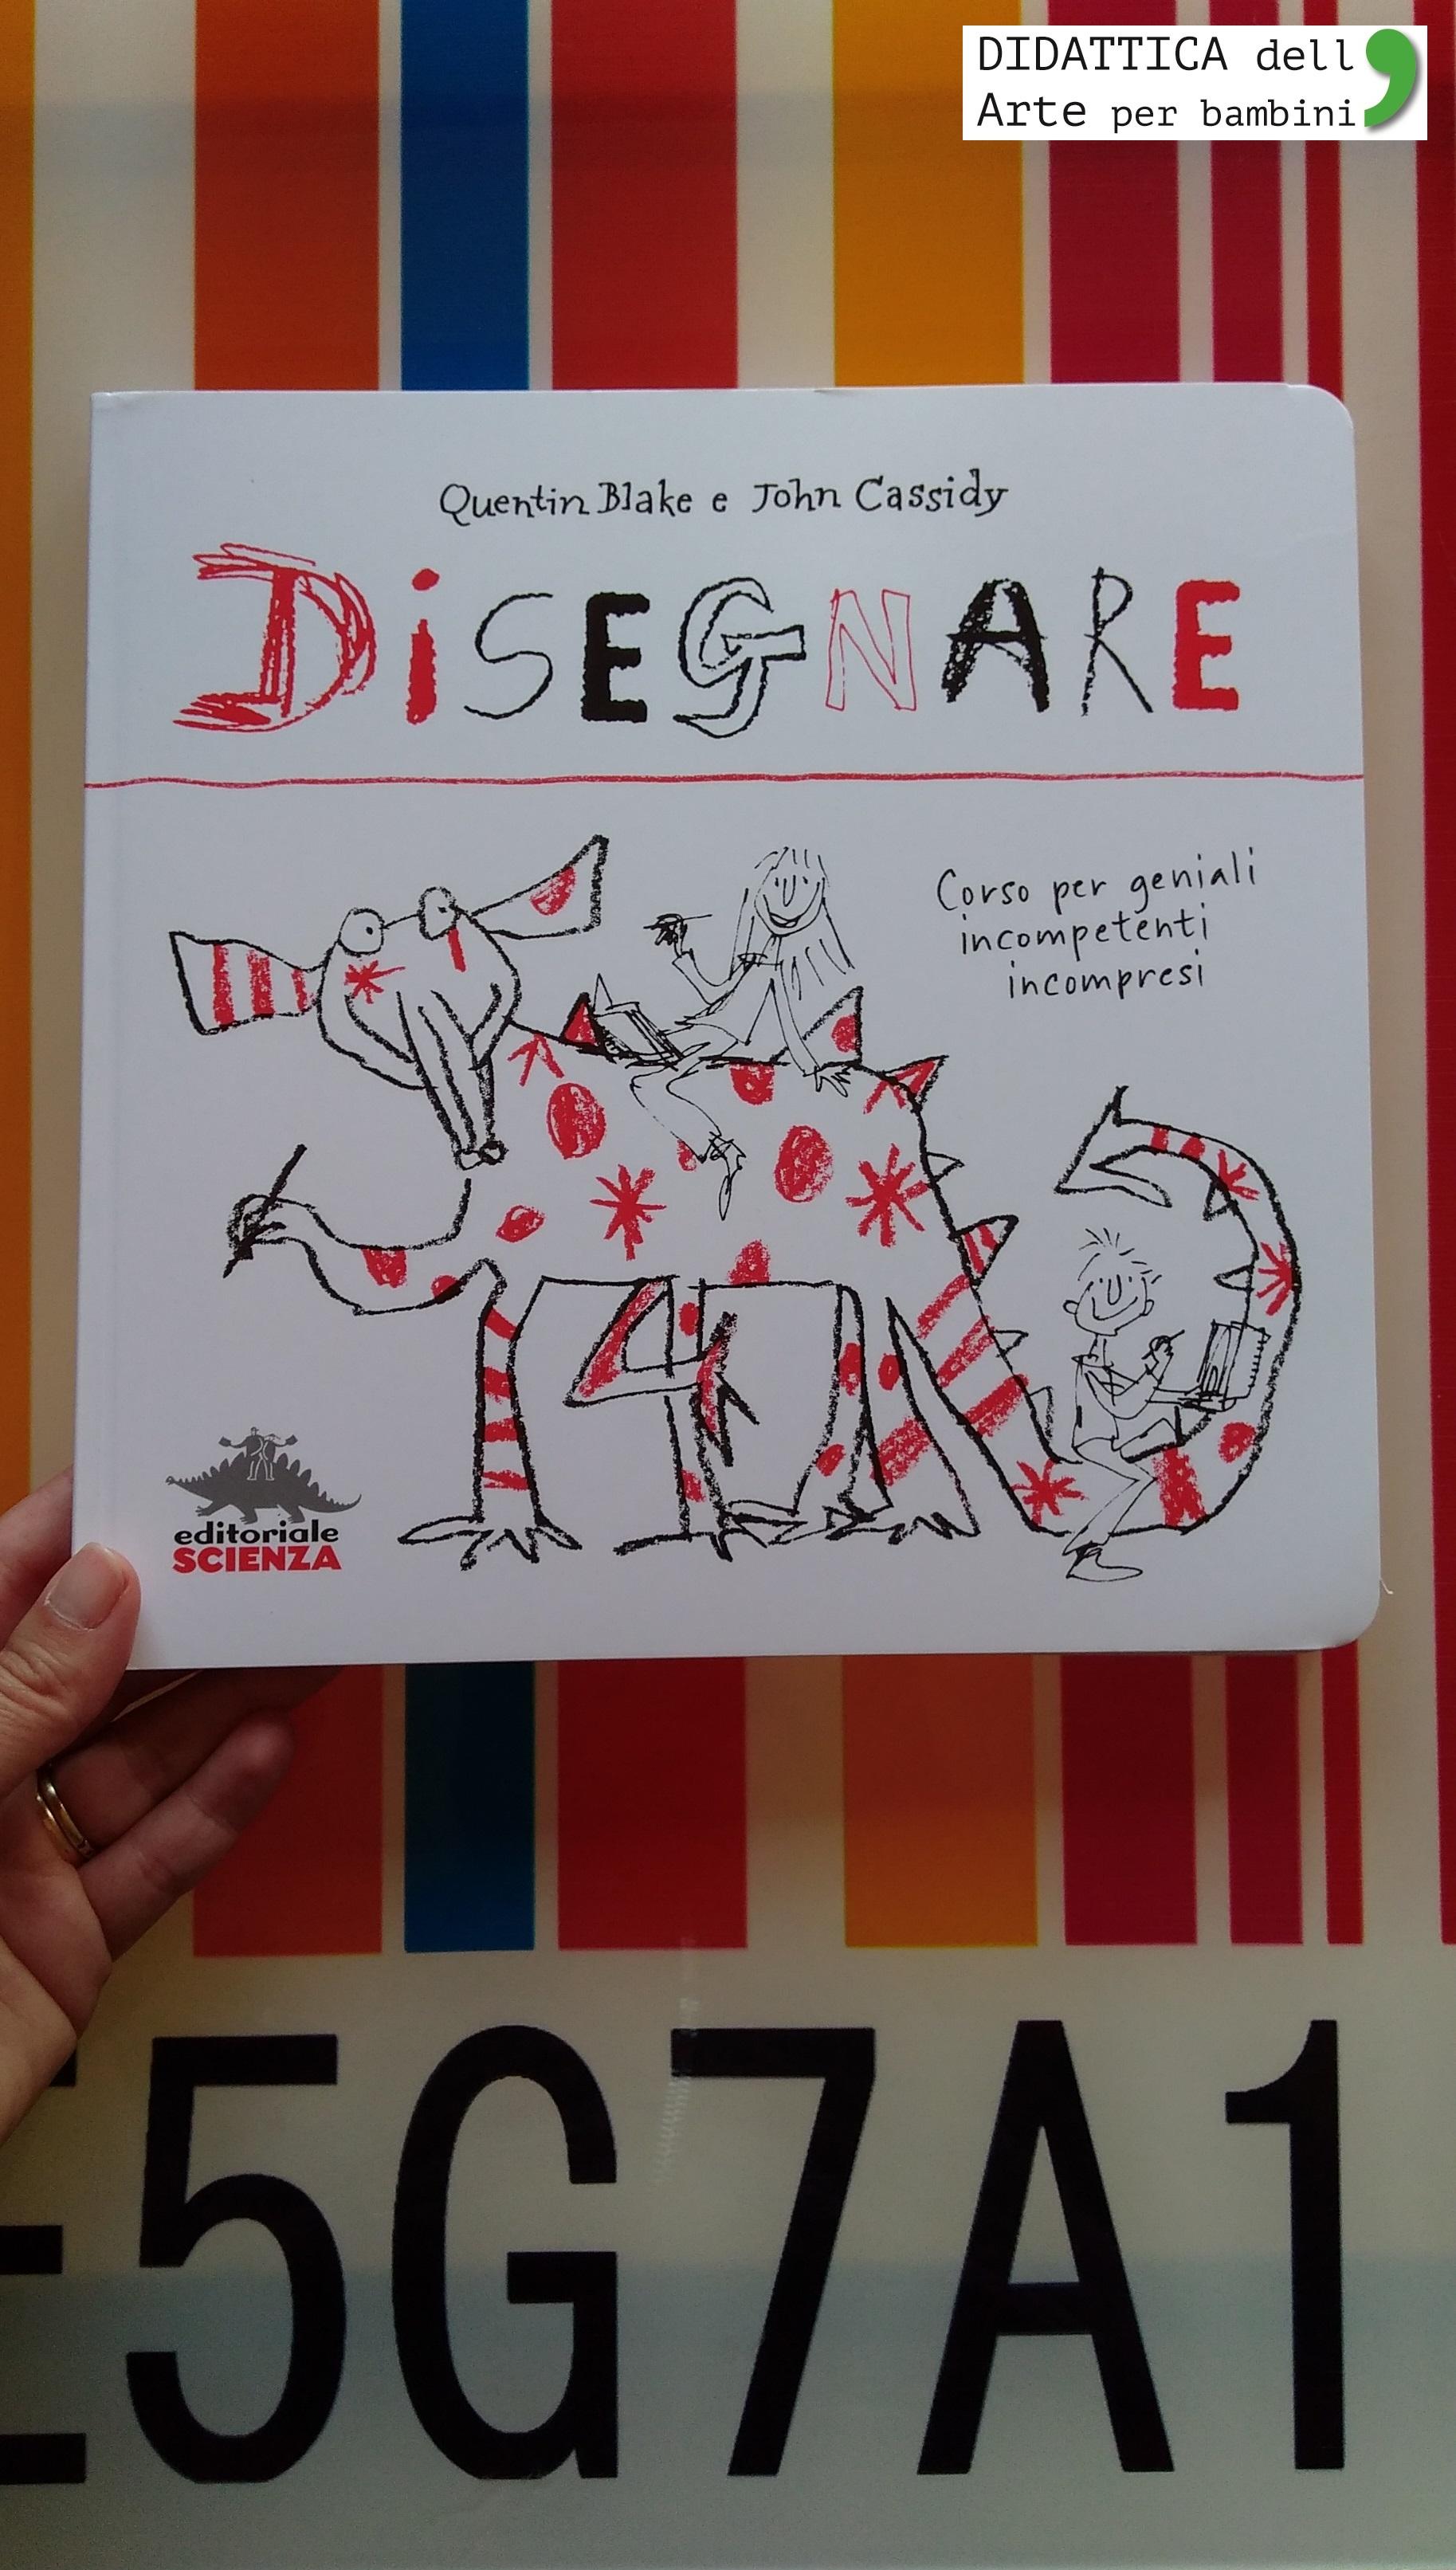 Top Disegnare | Didattica dell'Arte per Bambini ZL02